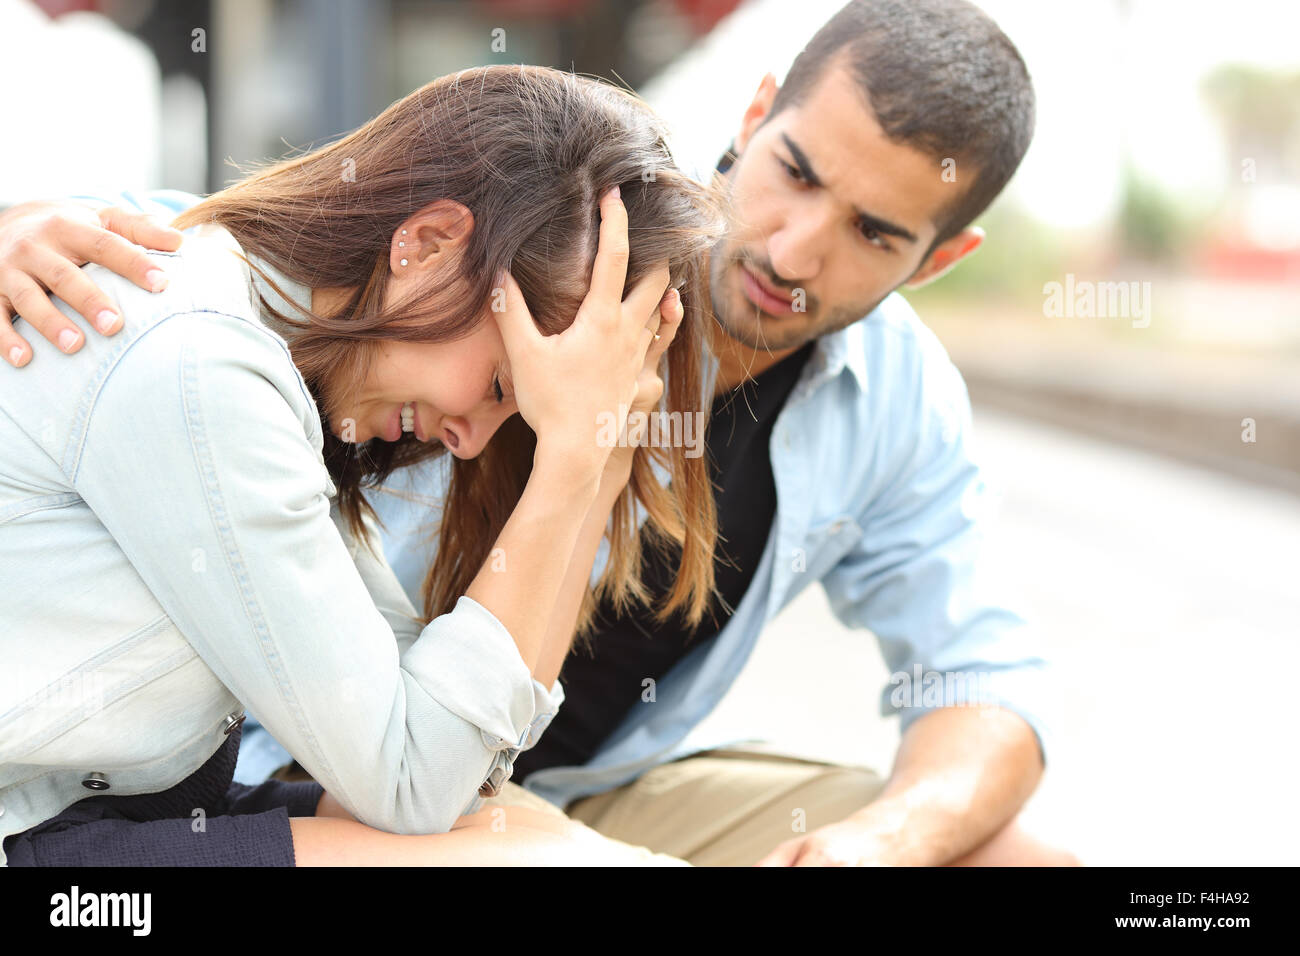 Vista laterale di un uomo musulmano consolante una triste ragazza caucasica lutto in una stazione ferroviaria Immagini Stock